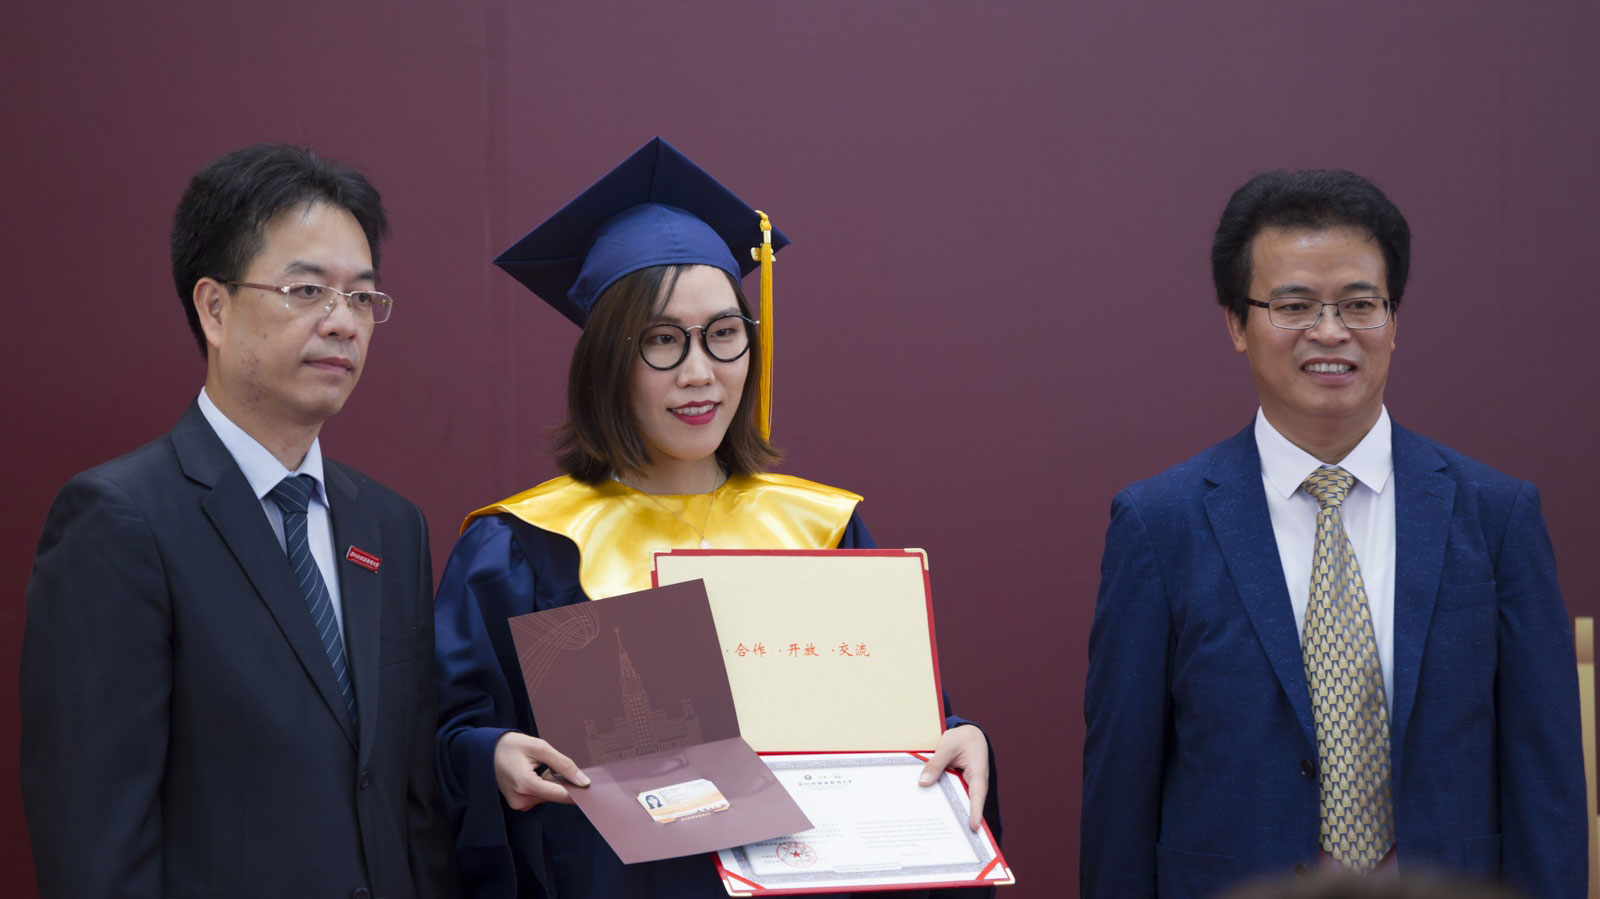 какую нить китайский диплом фото принципе